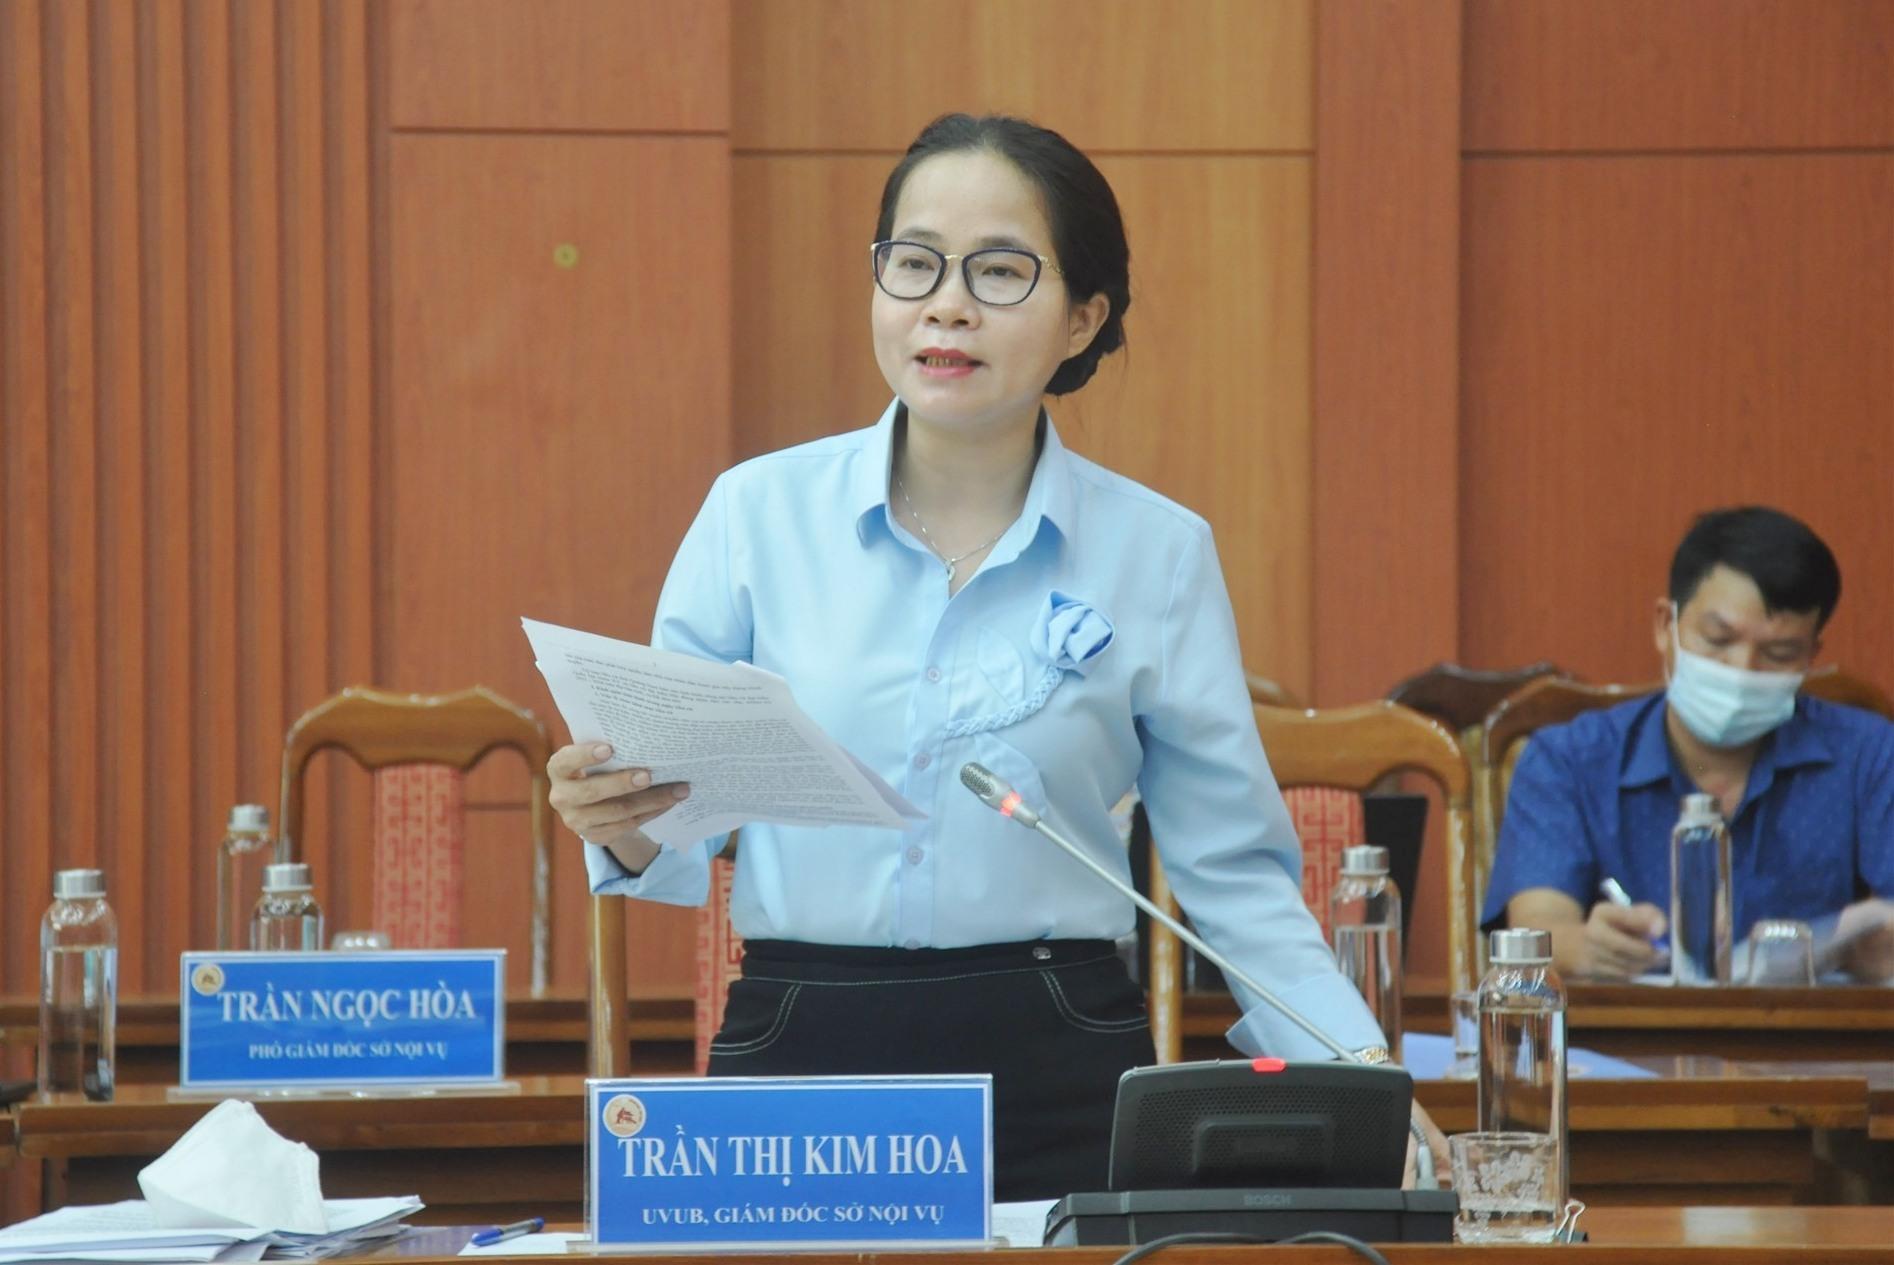 Bà Trần Thị Kim Hoa - Giám đốc Sở Nội vụ thông tin kết quả bầu cử tại phiên họp sáng 28.5. Ảnh: N.Đ